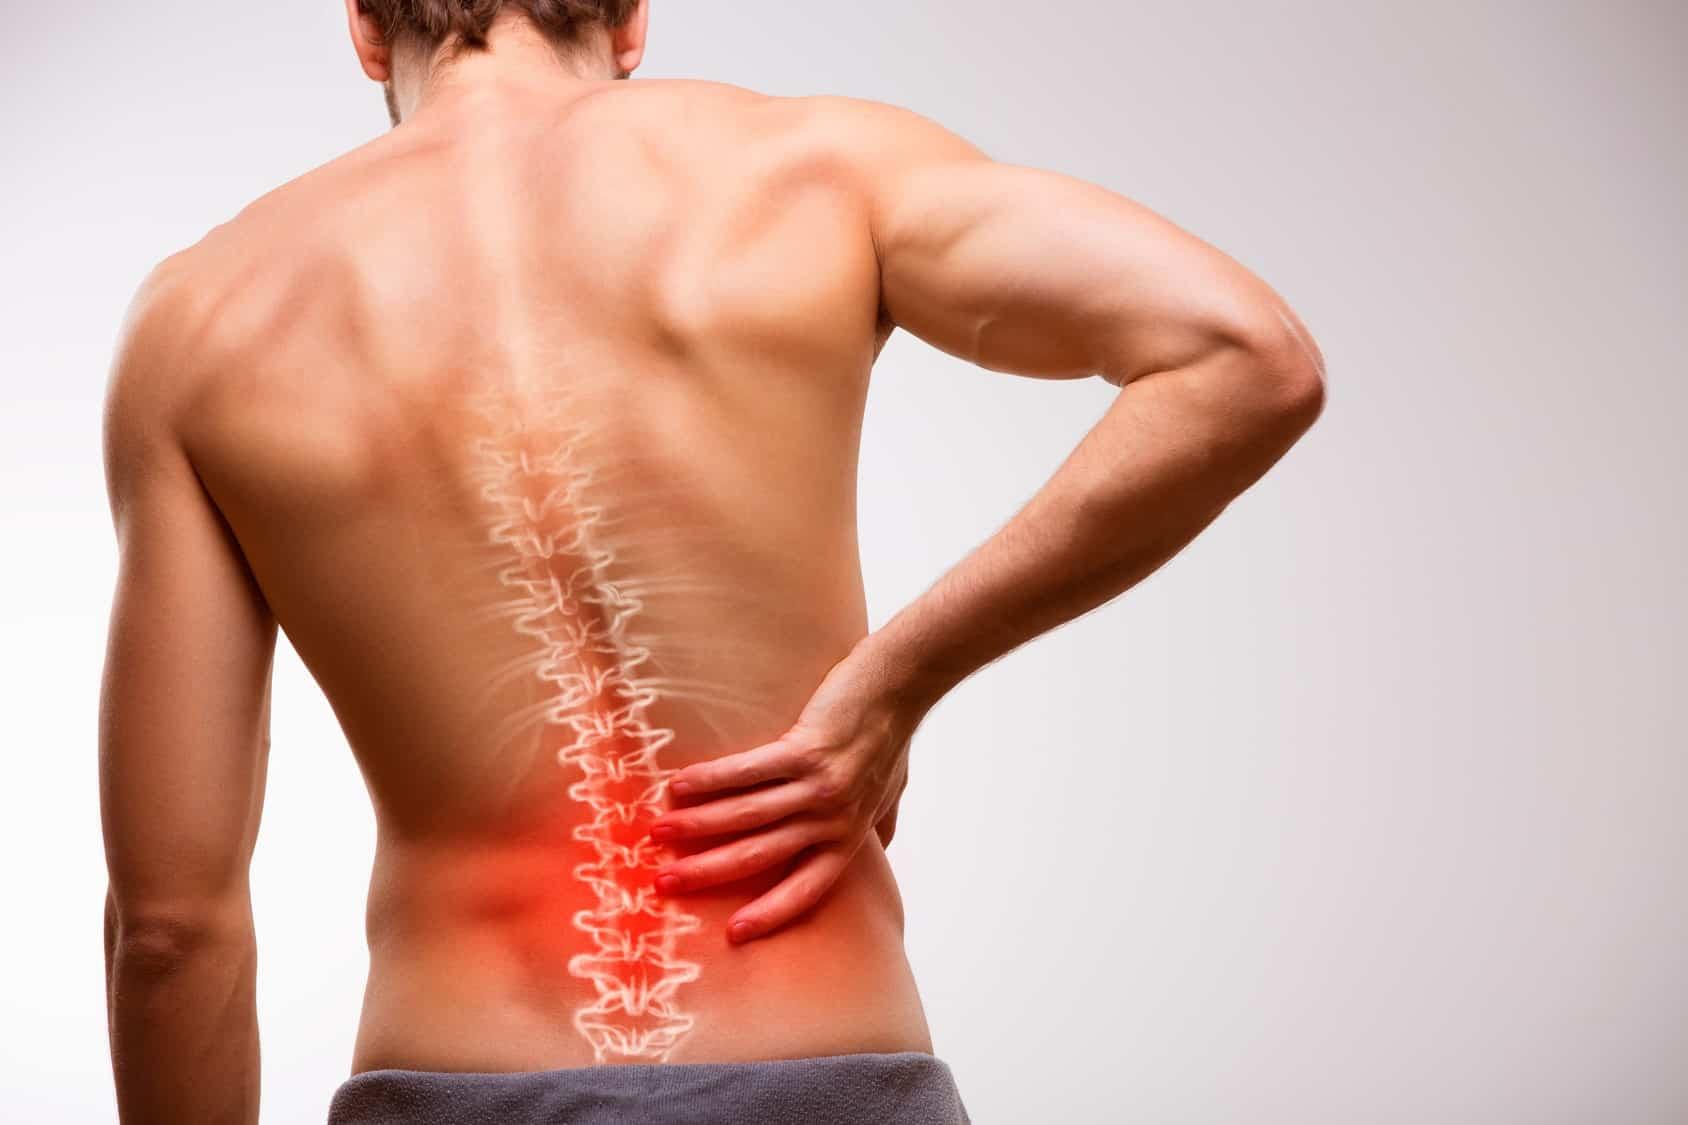 Mann steht vor einer Wand, es ist der Rücken zu sehen und es werden Schmerzen durch rote Farbe signalisiert